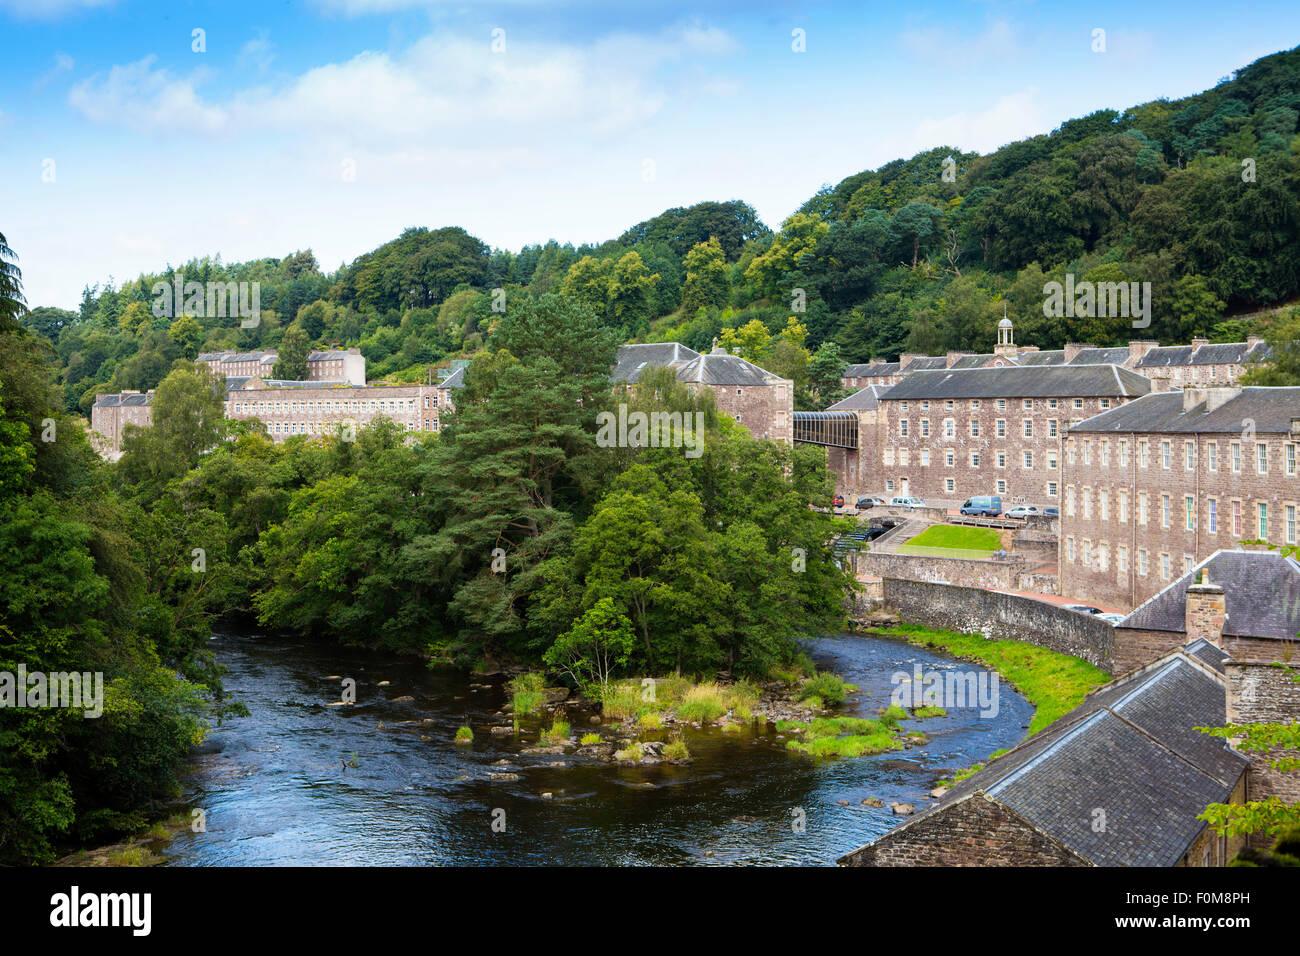 Les moulins du site du patrimoine mondial de New Lanark, construits par l'industriel David Dale, Écosse, montrant la rivière Clyde Banque D'Images